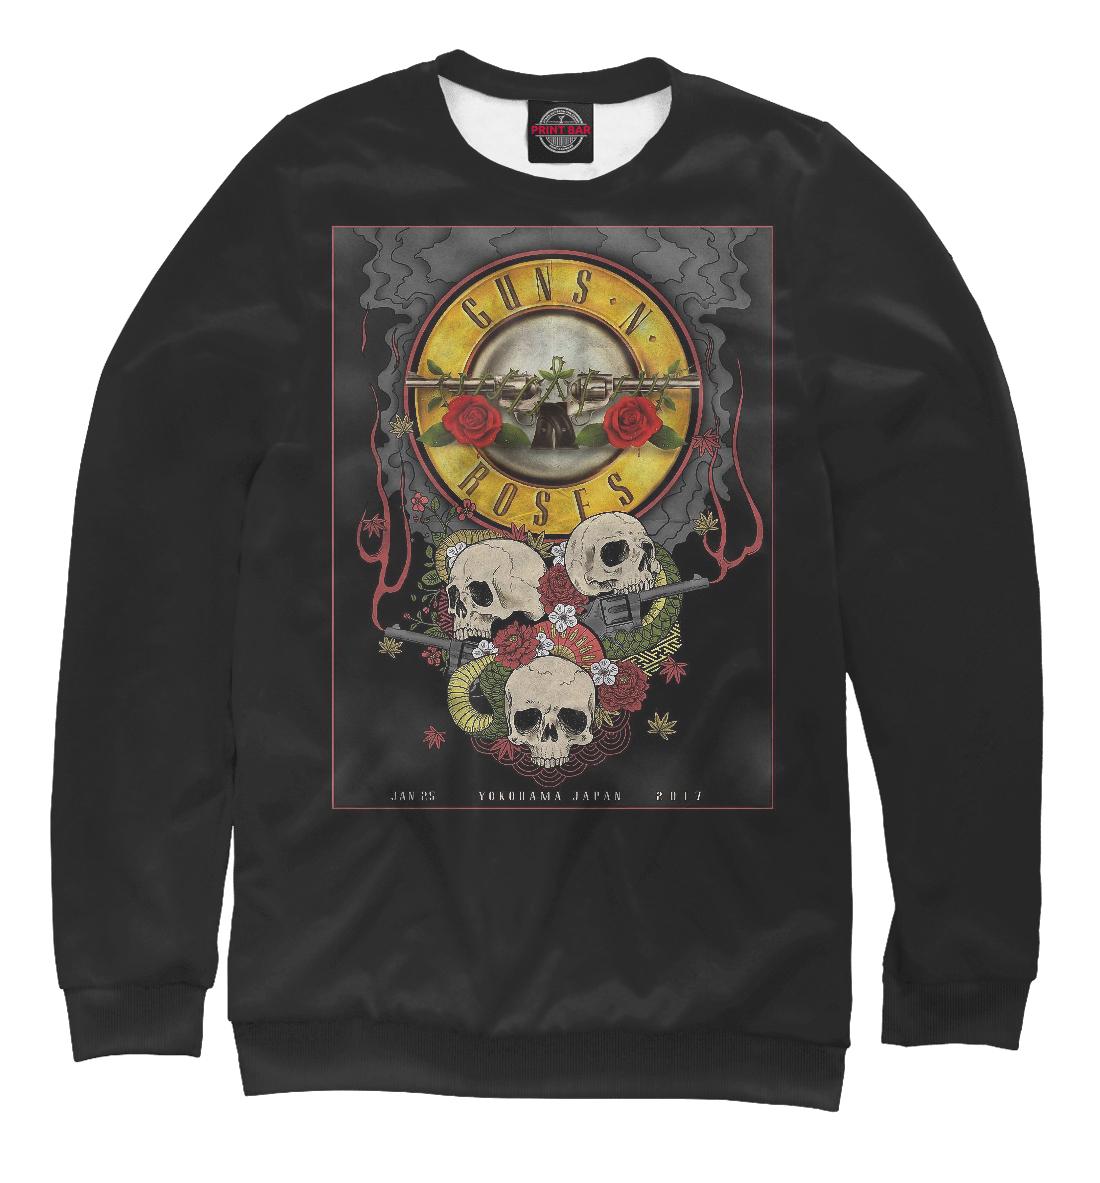 Купить Guns N' Roses band, Printbar, Свитшоты, GNR-232757-swi-2